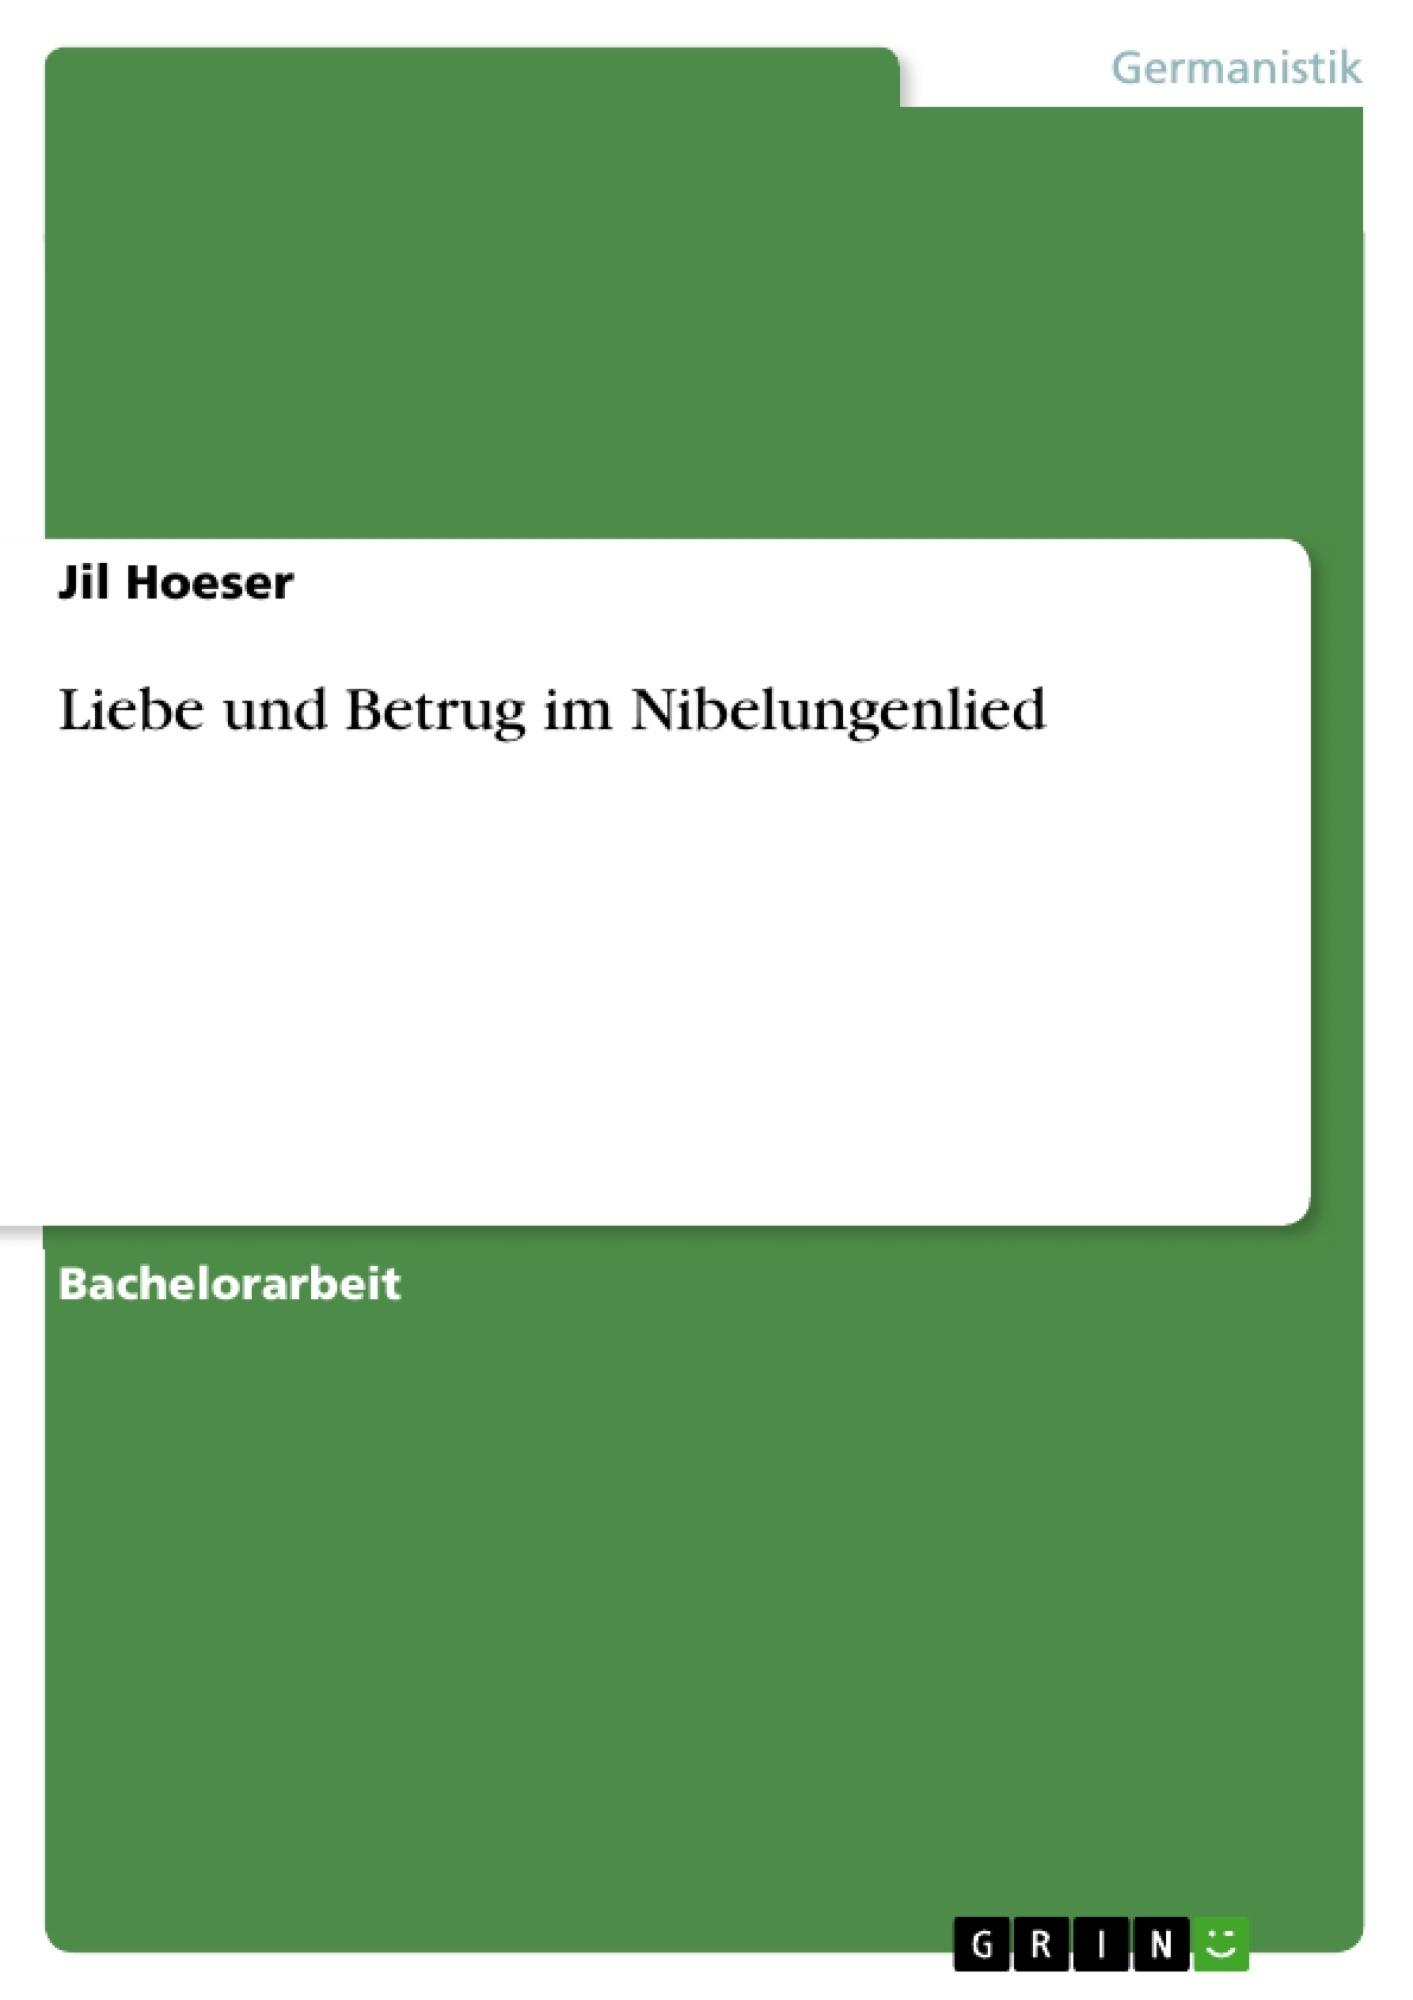 Titel: Liebe und Betrug im Nibelungenlied